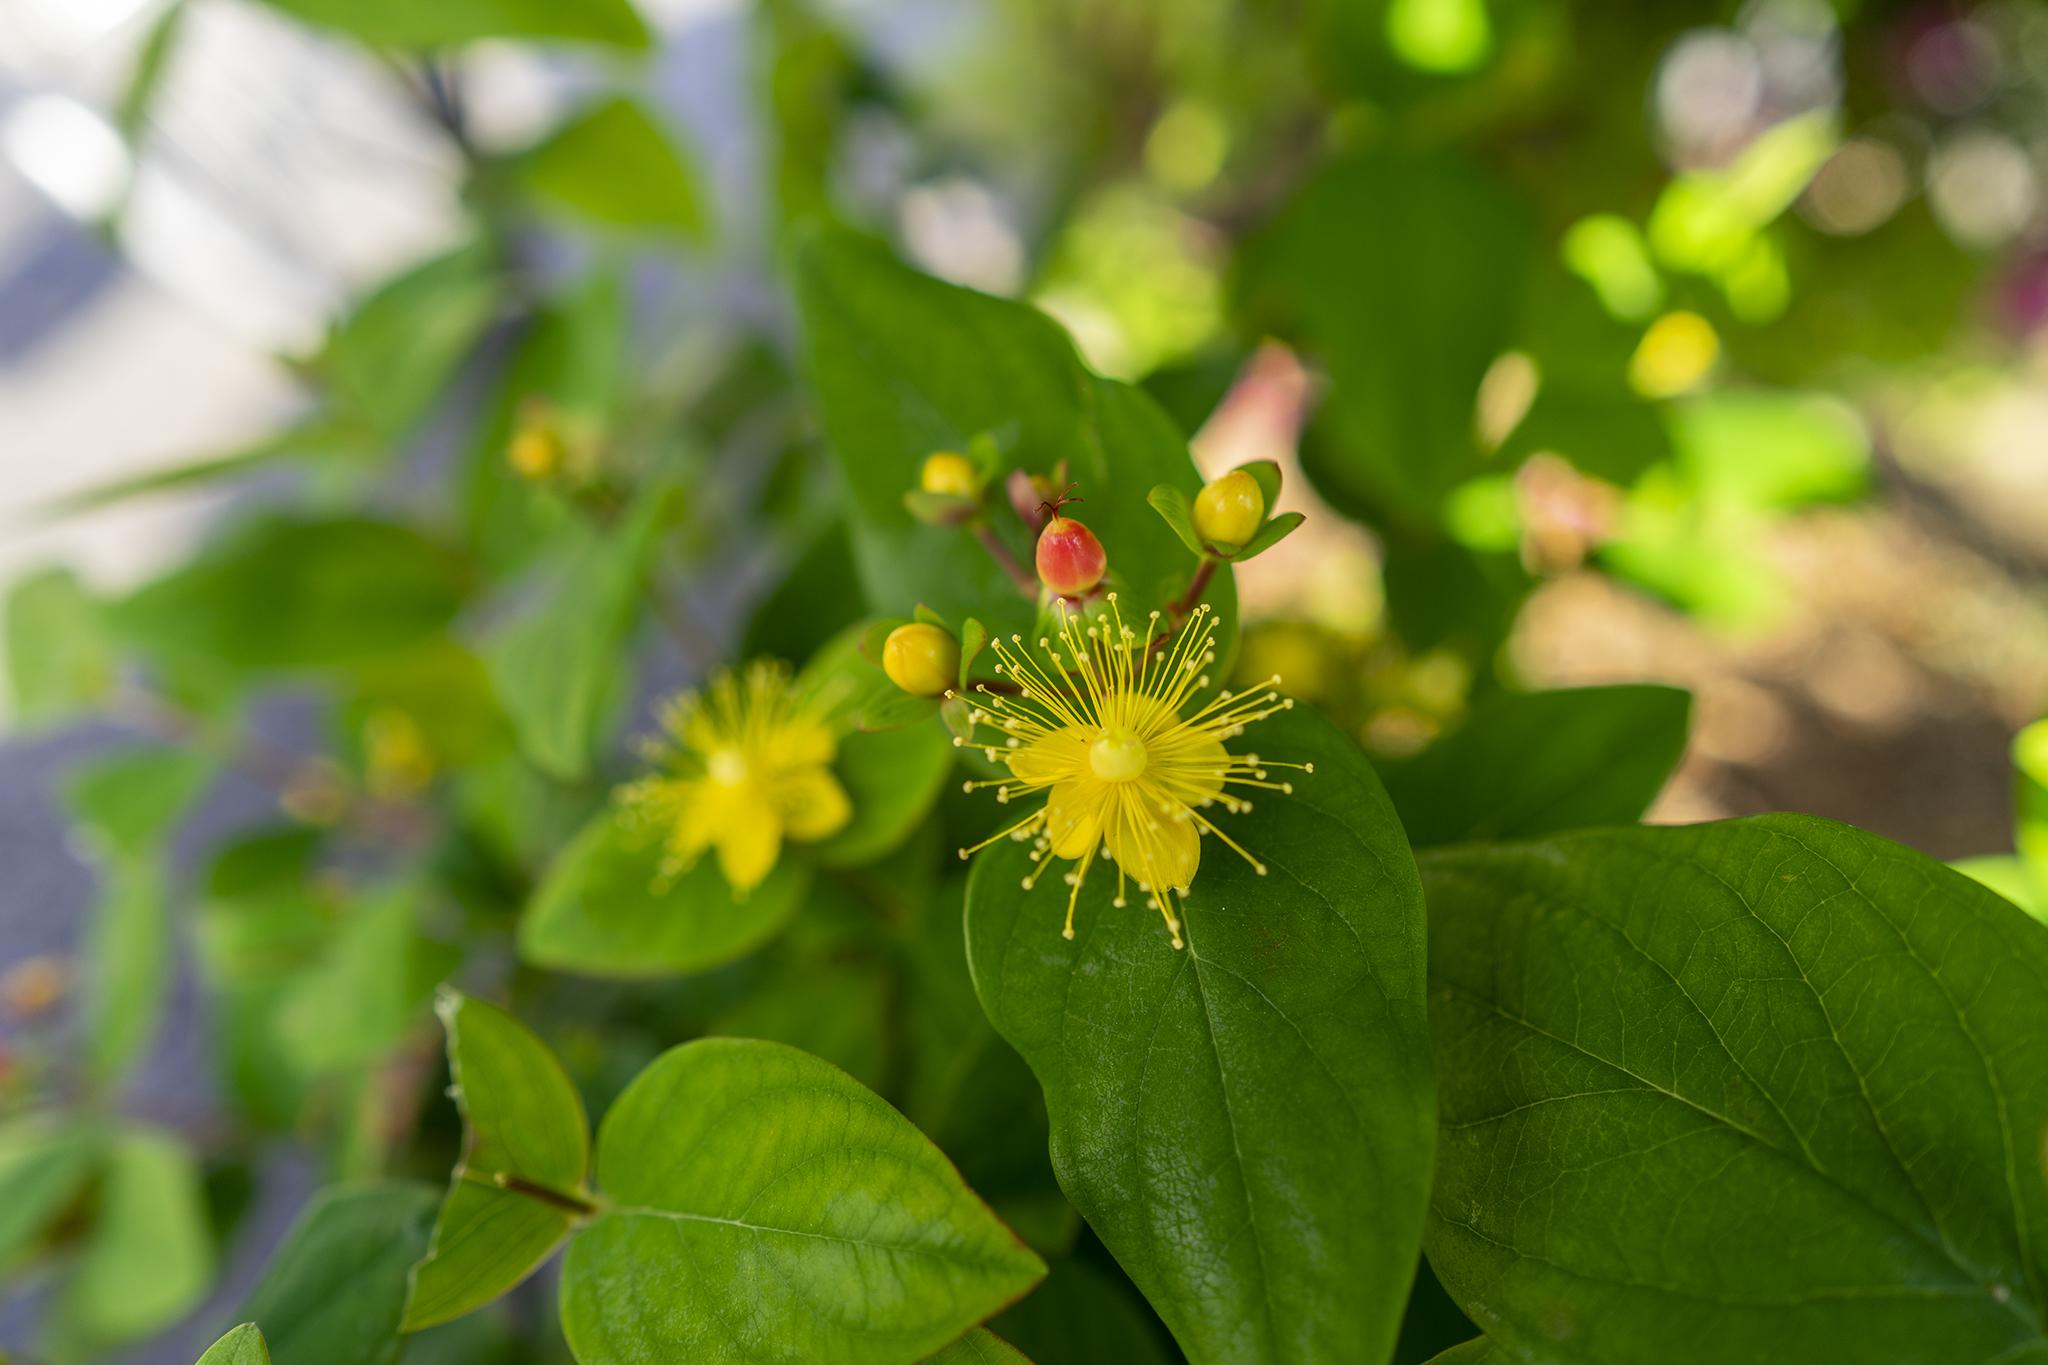 オトギリソウ属の花たち「ヒペリカム」「ビヨウヤナギ」「キンシバイ」